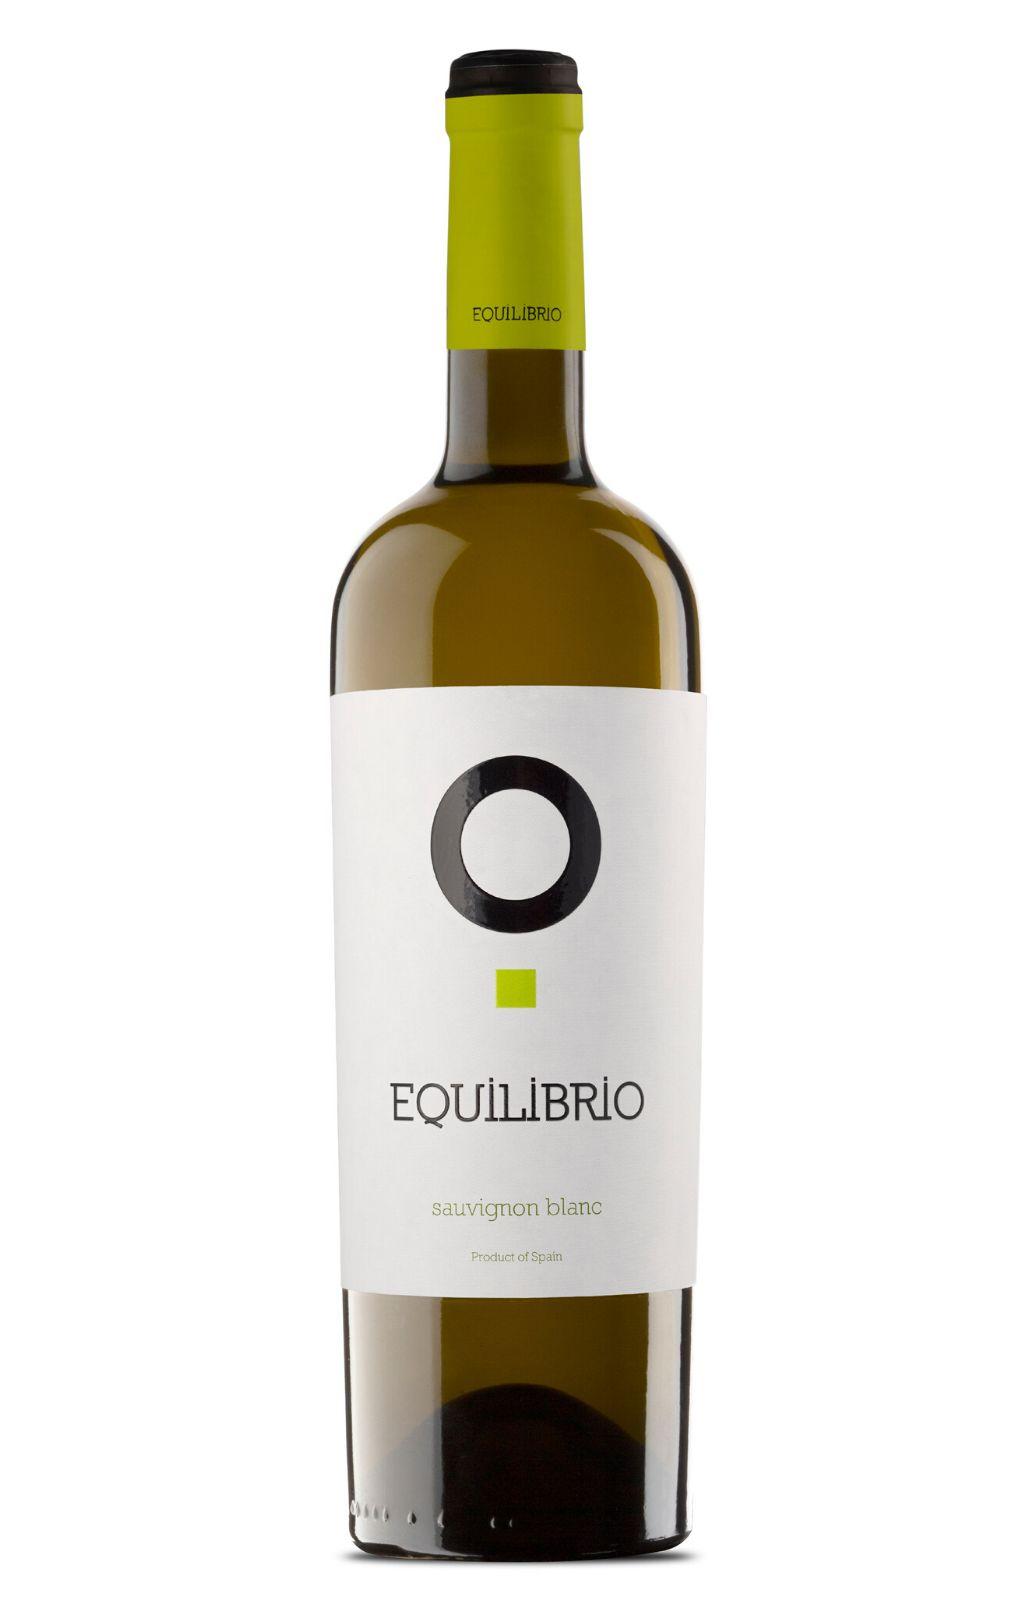 Equilibrio Sauvignon Blanc 2018